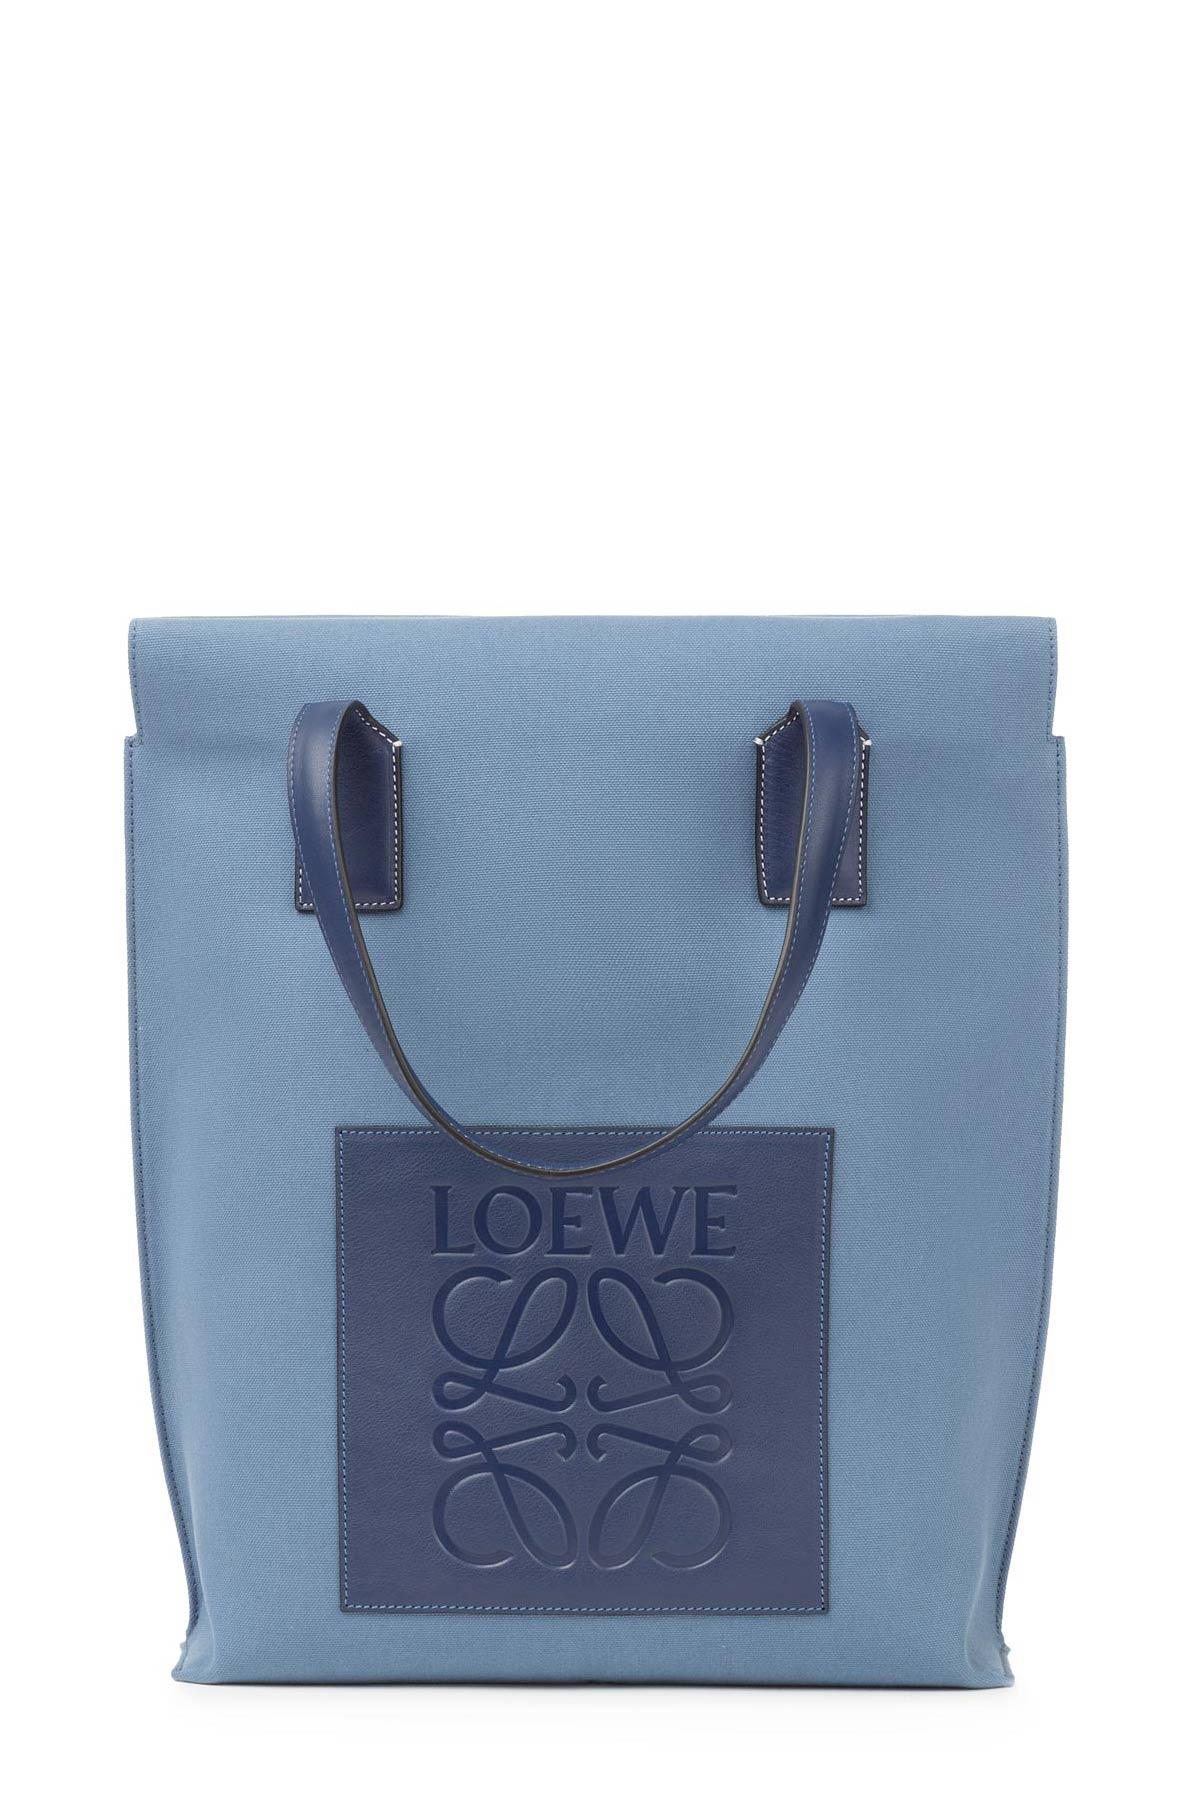 LOEWE Shopper Bag Blue/Navy front